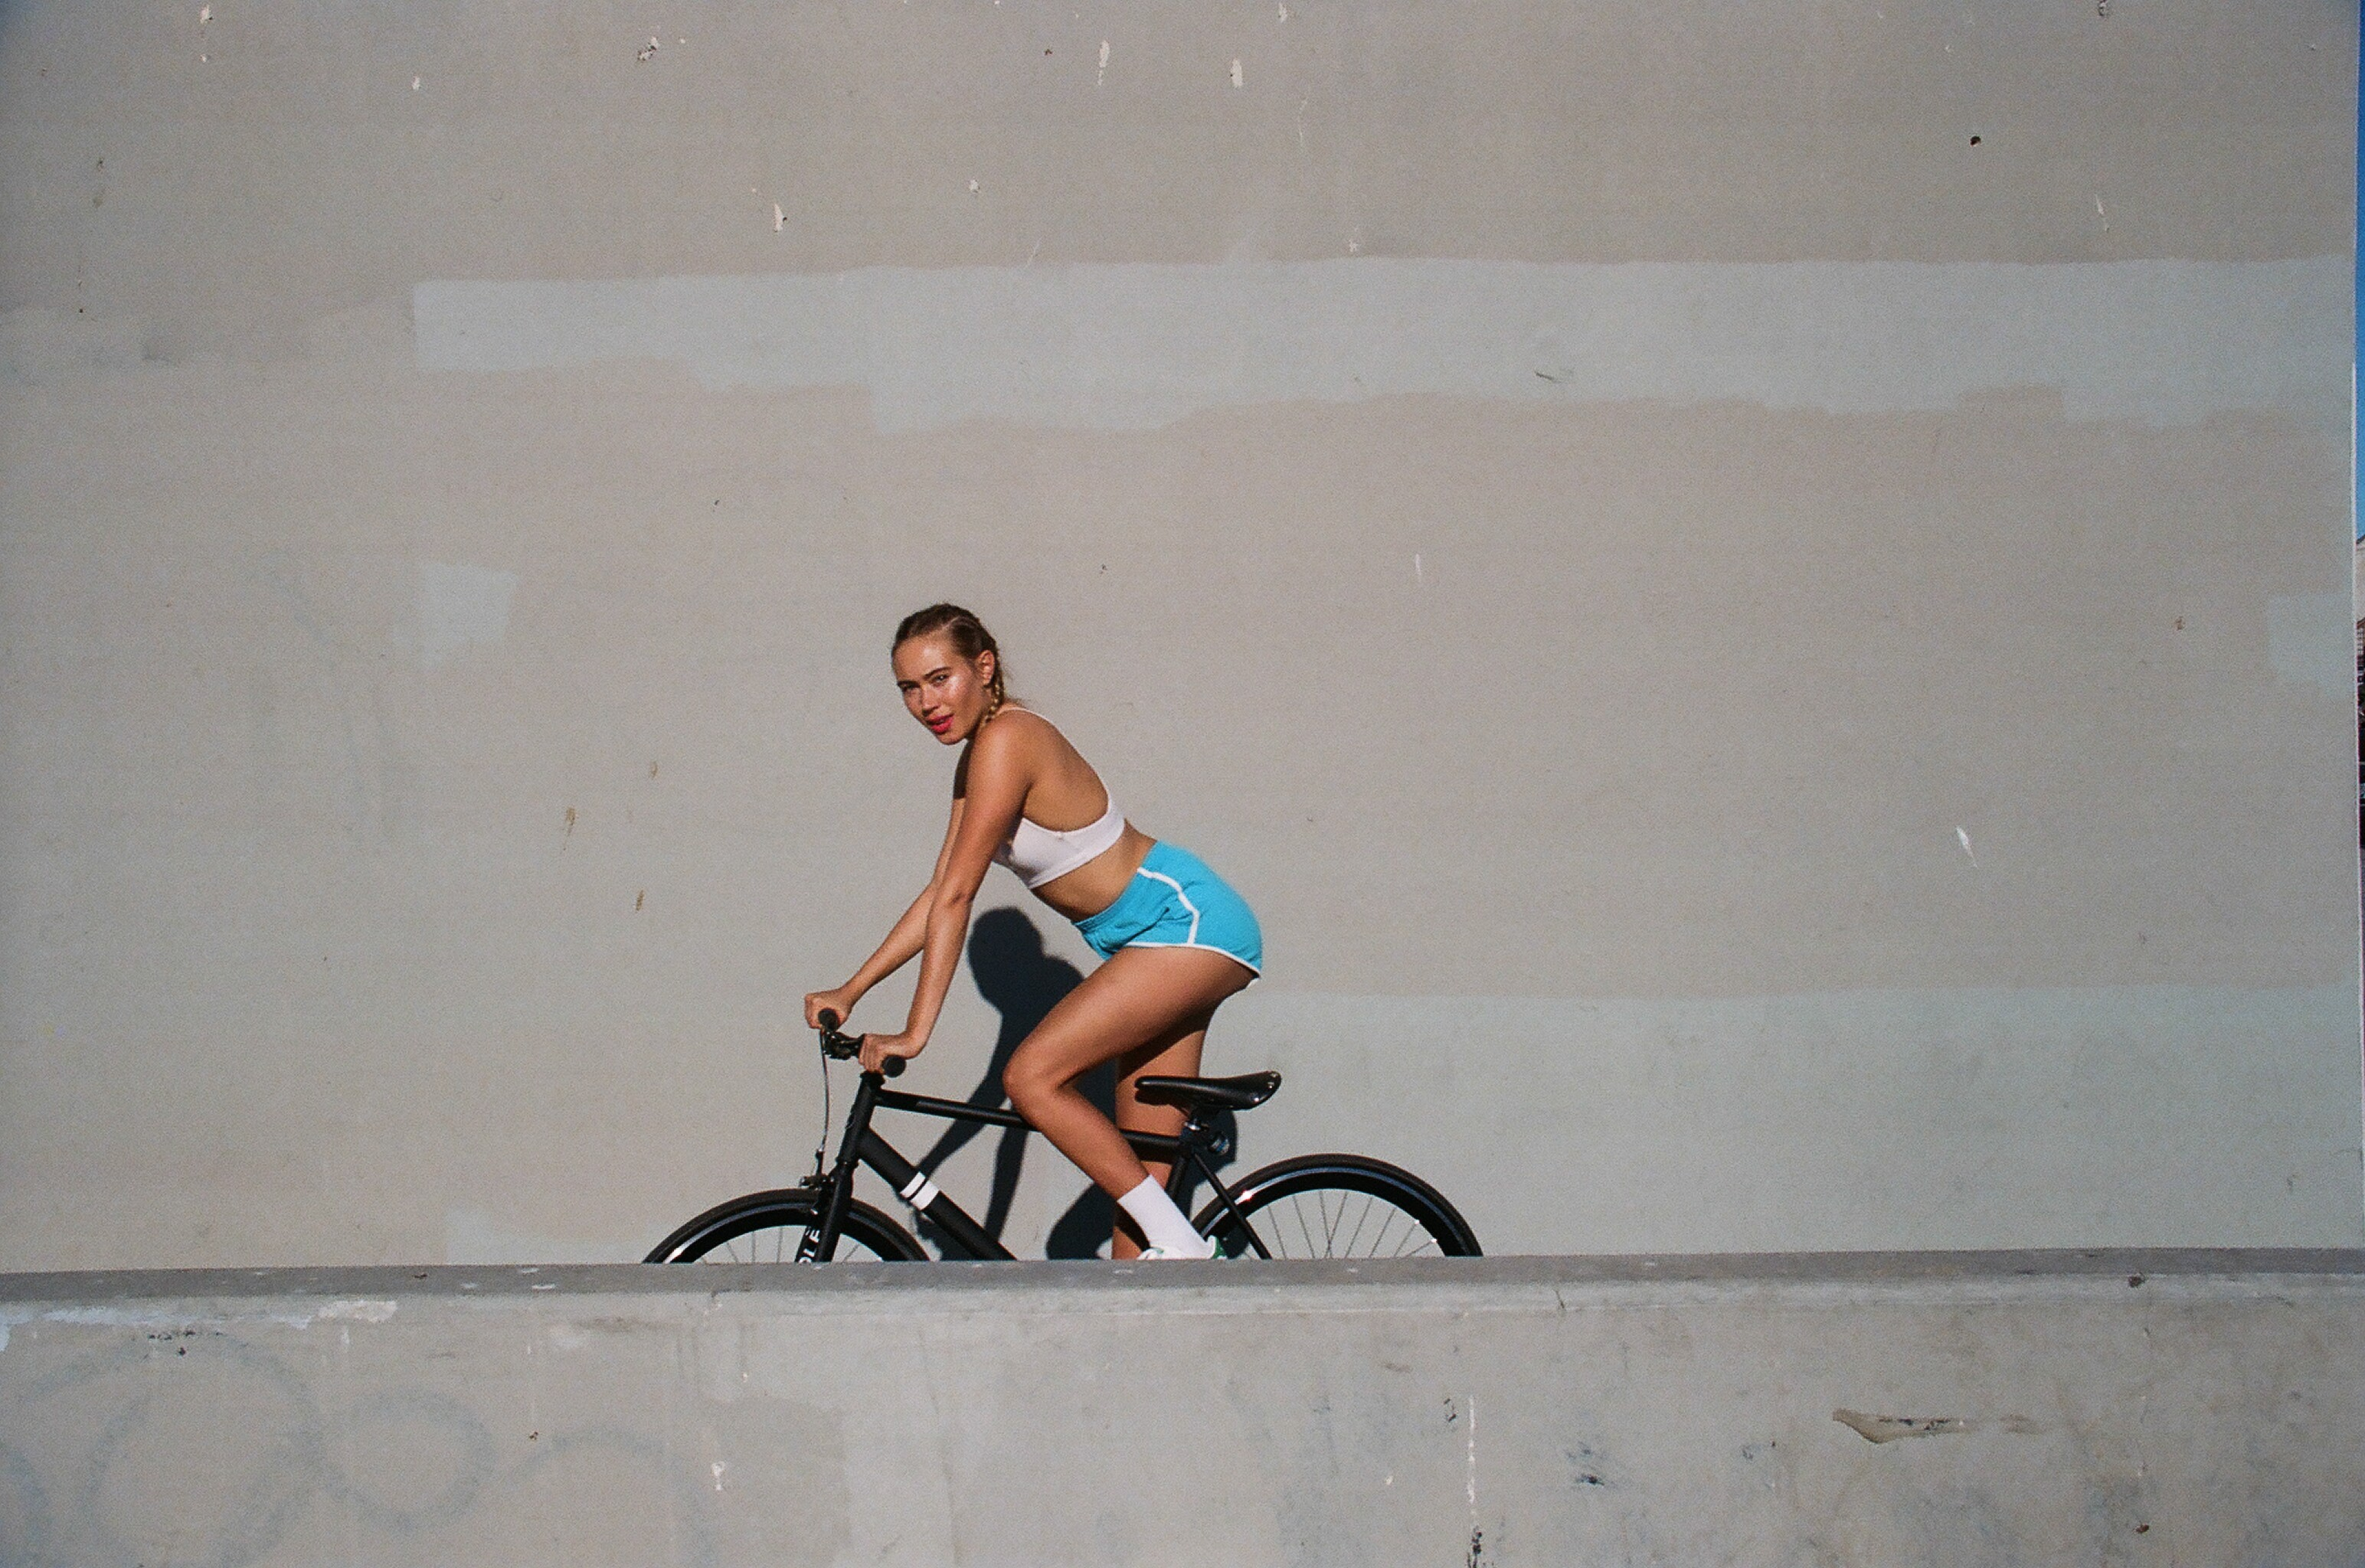 Petie Sjogren_Bicycle